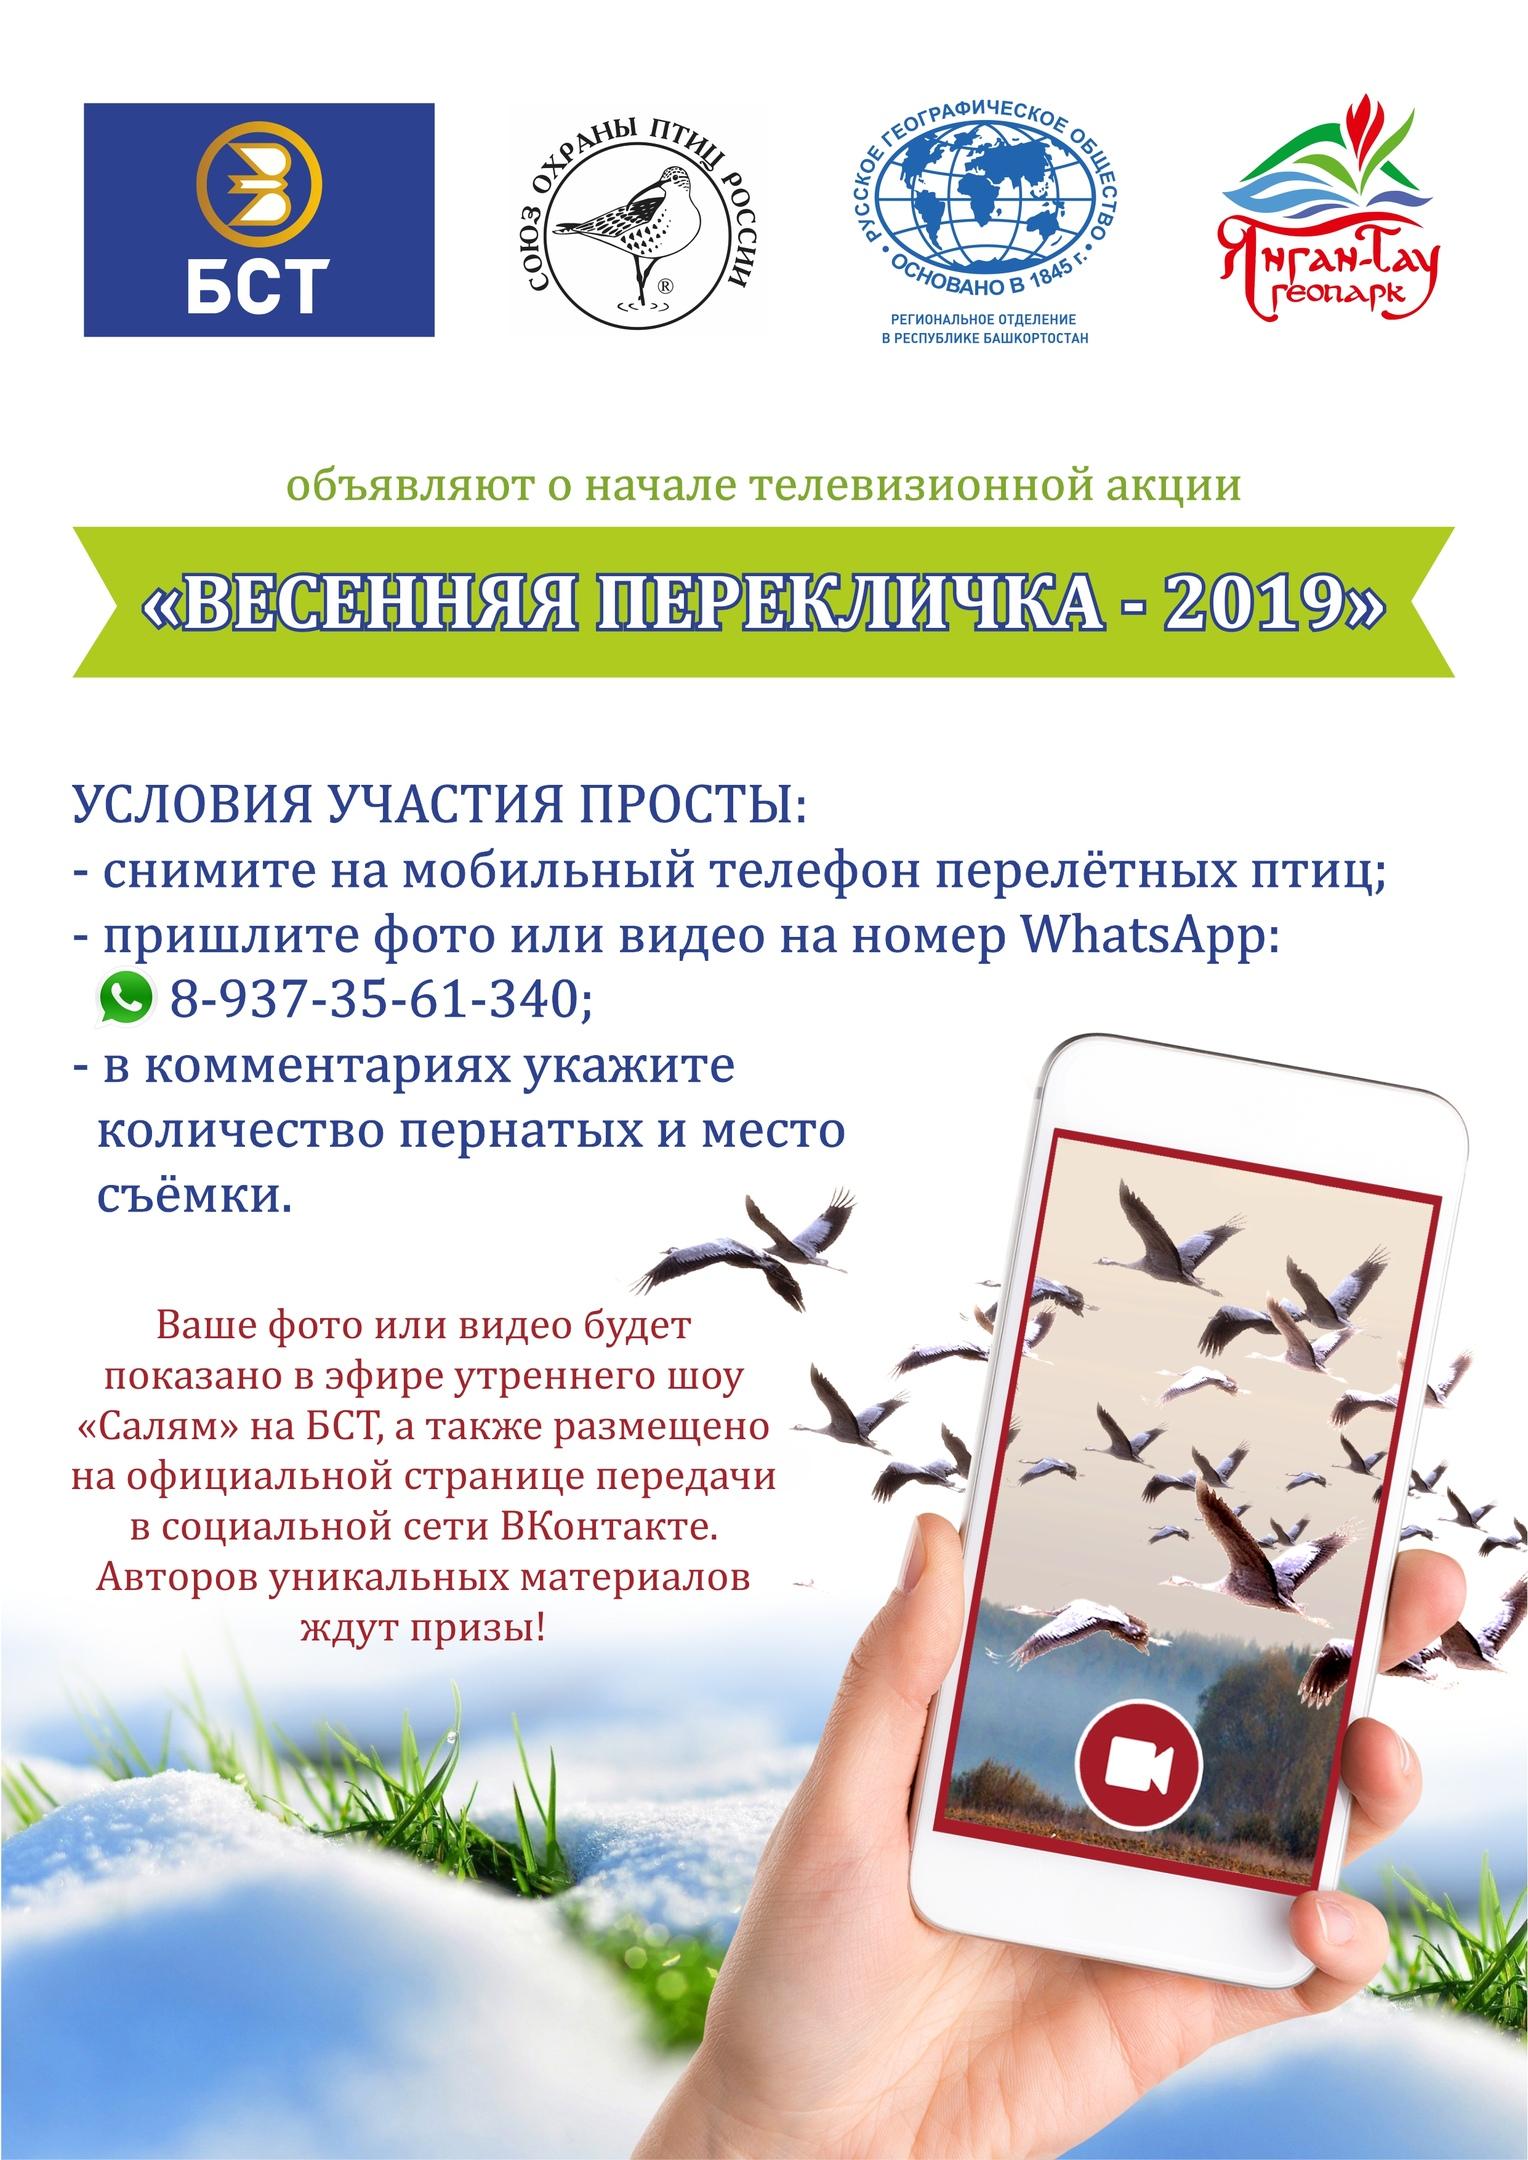 В Башкирии стартовала телевизионная акция «Весенняя перекличка-2019»